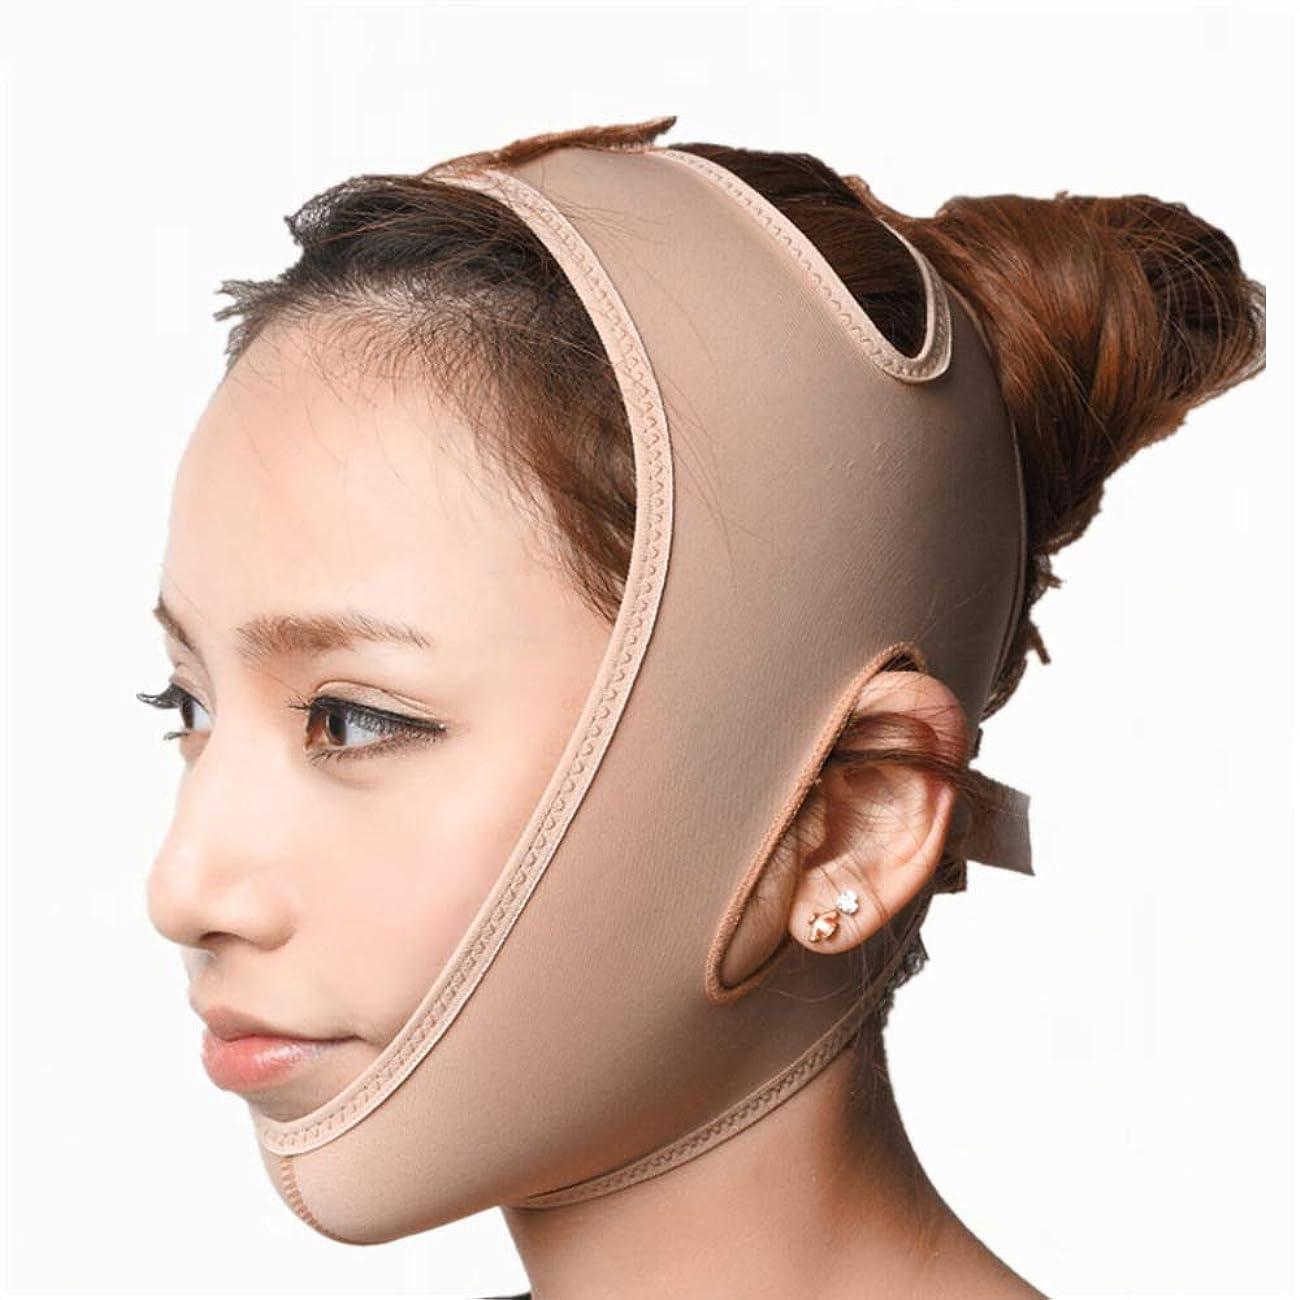 かもめ入植者以降顔の持ち上がる痩身ベルト - アンチエイジングリンクルフェイスマスクベルトシンフェイス包帯整形マスクは顔と首を締めますフェイススリム (サイズ さいず : S s)